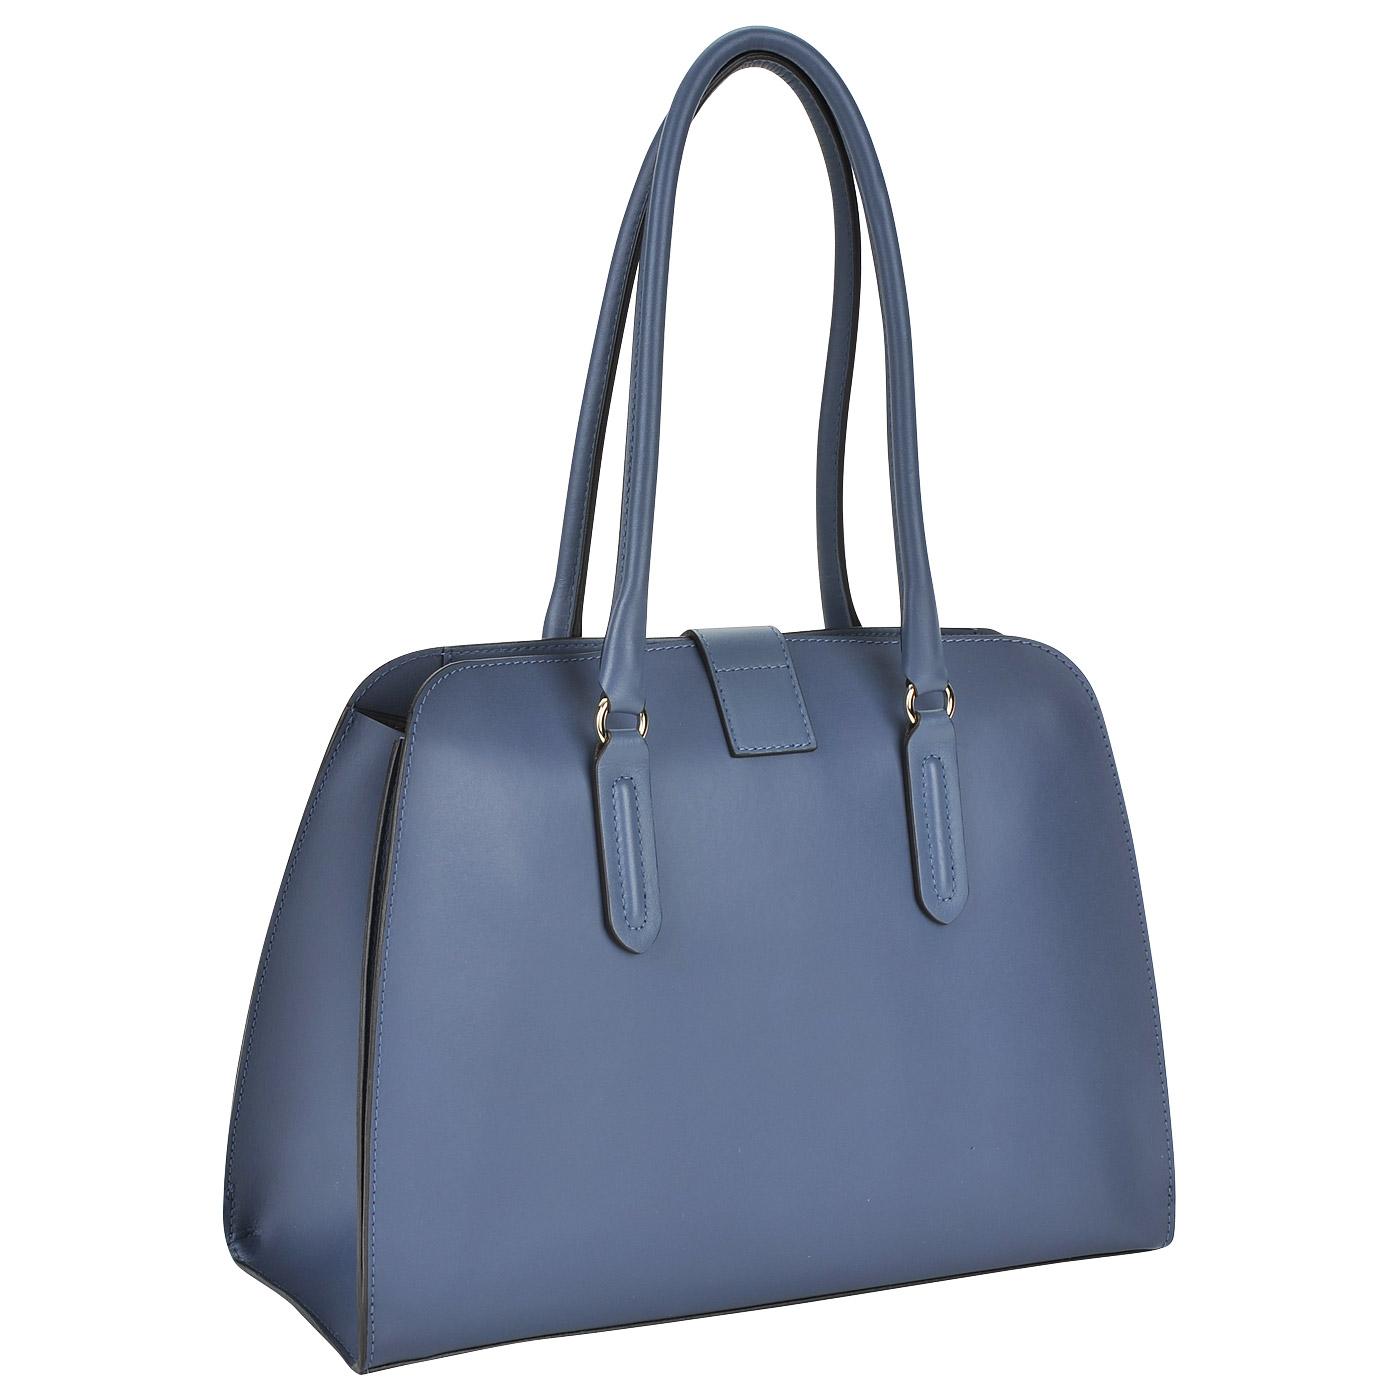 40f9a9cfeb14 Женская сумка из гладкой матовой кожи с длинными ручками Furla Milano